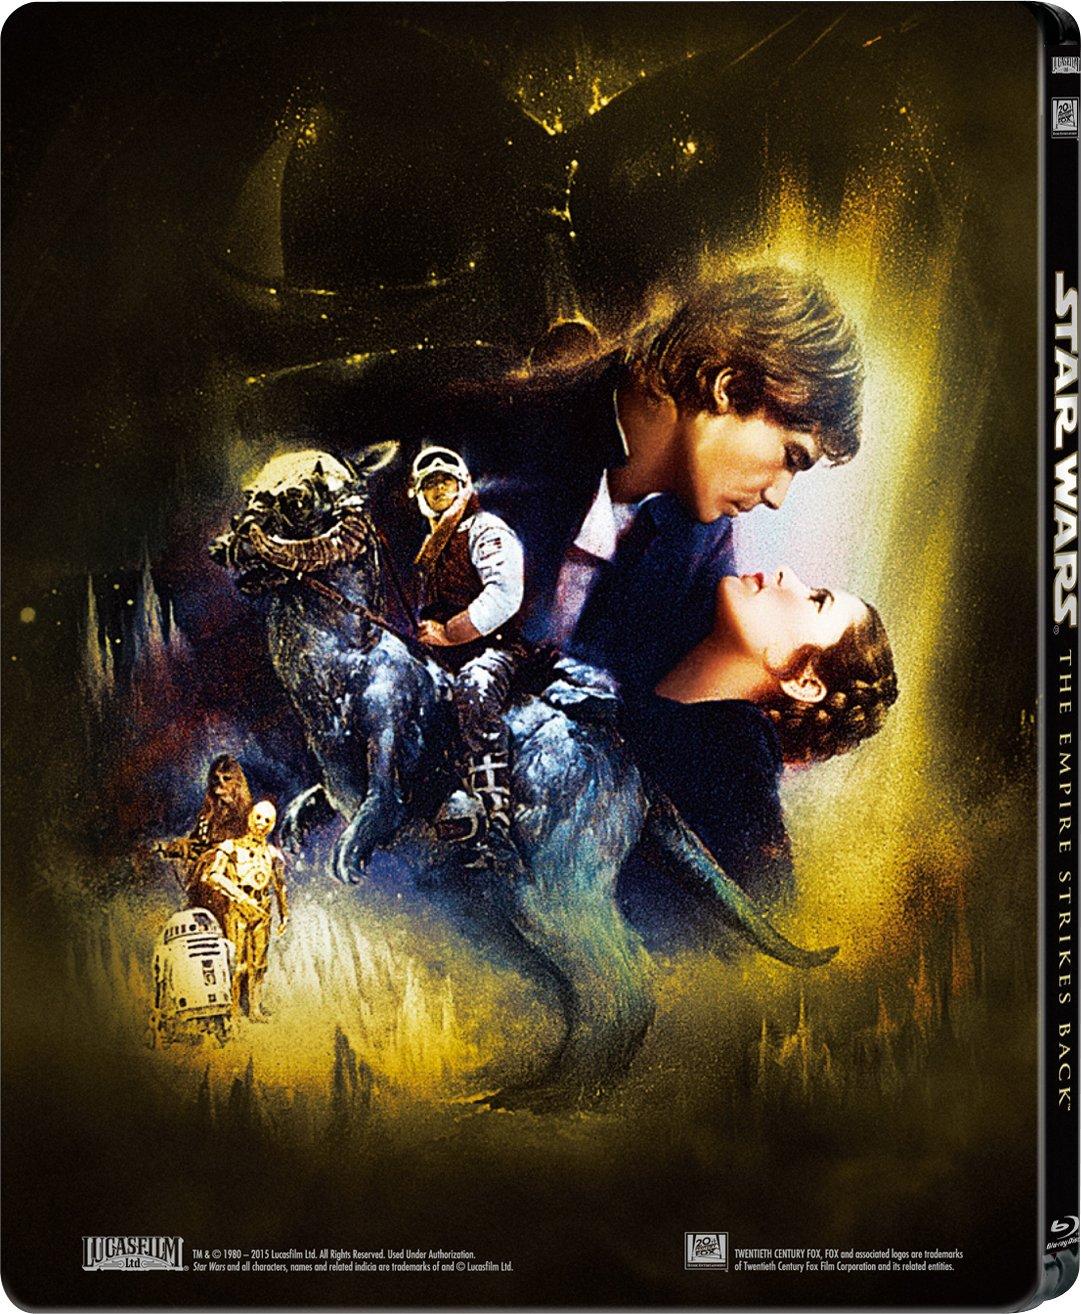 スター・ウォーズ エピソード5 帝国の逆襲(1980年/1997年)